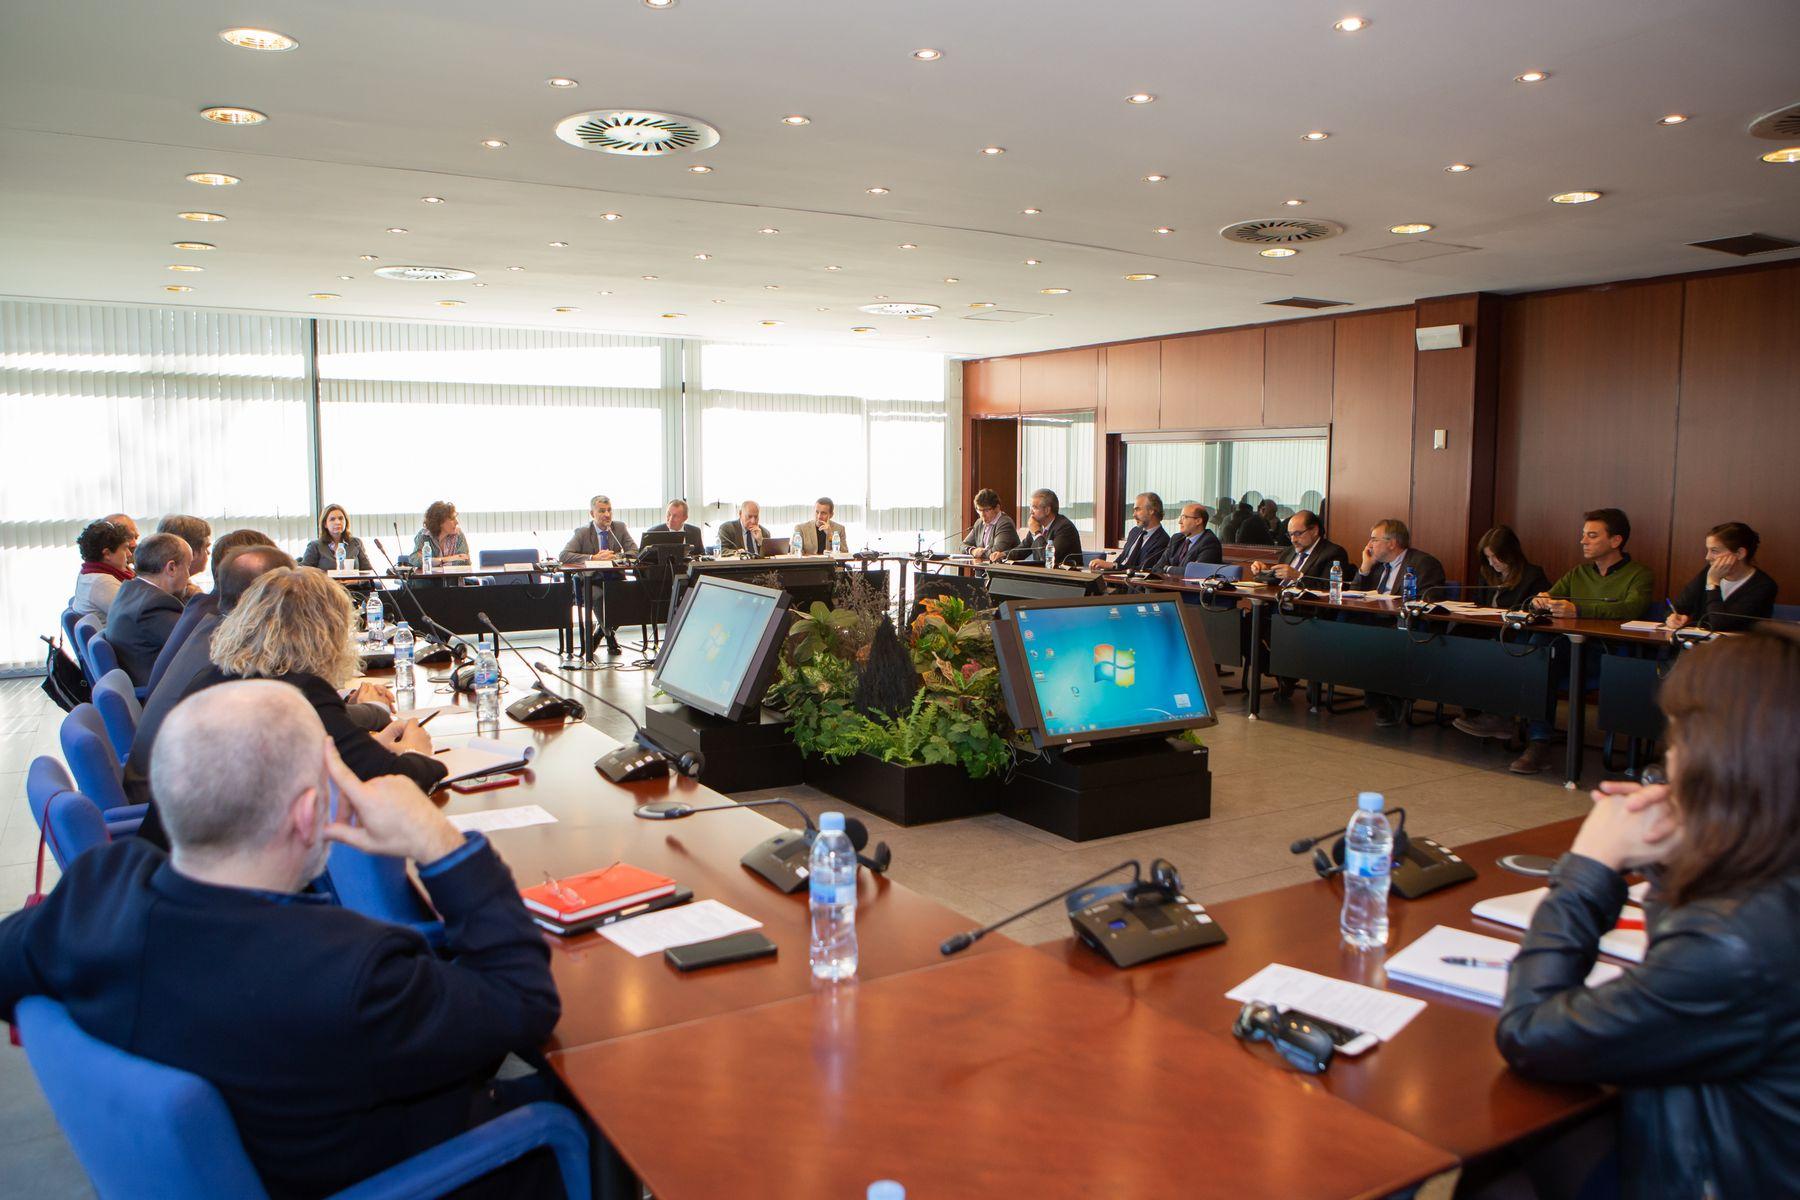 Una imagen de los integrantes del Foro Social y Empresarial del Consejo Social participantes en la jornada sobre emprendimiento.